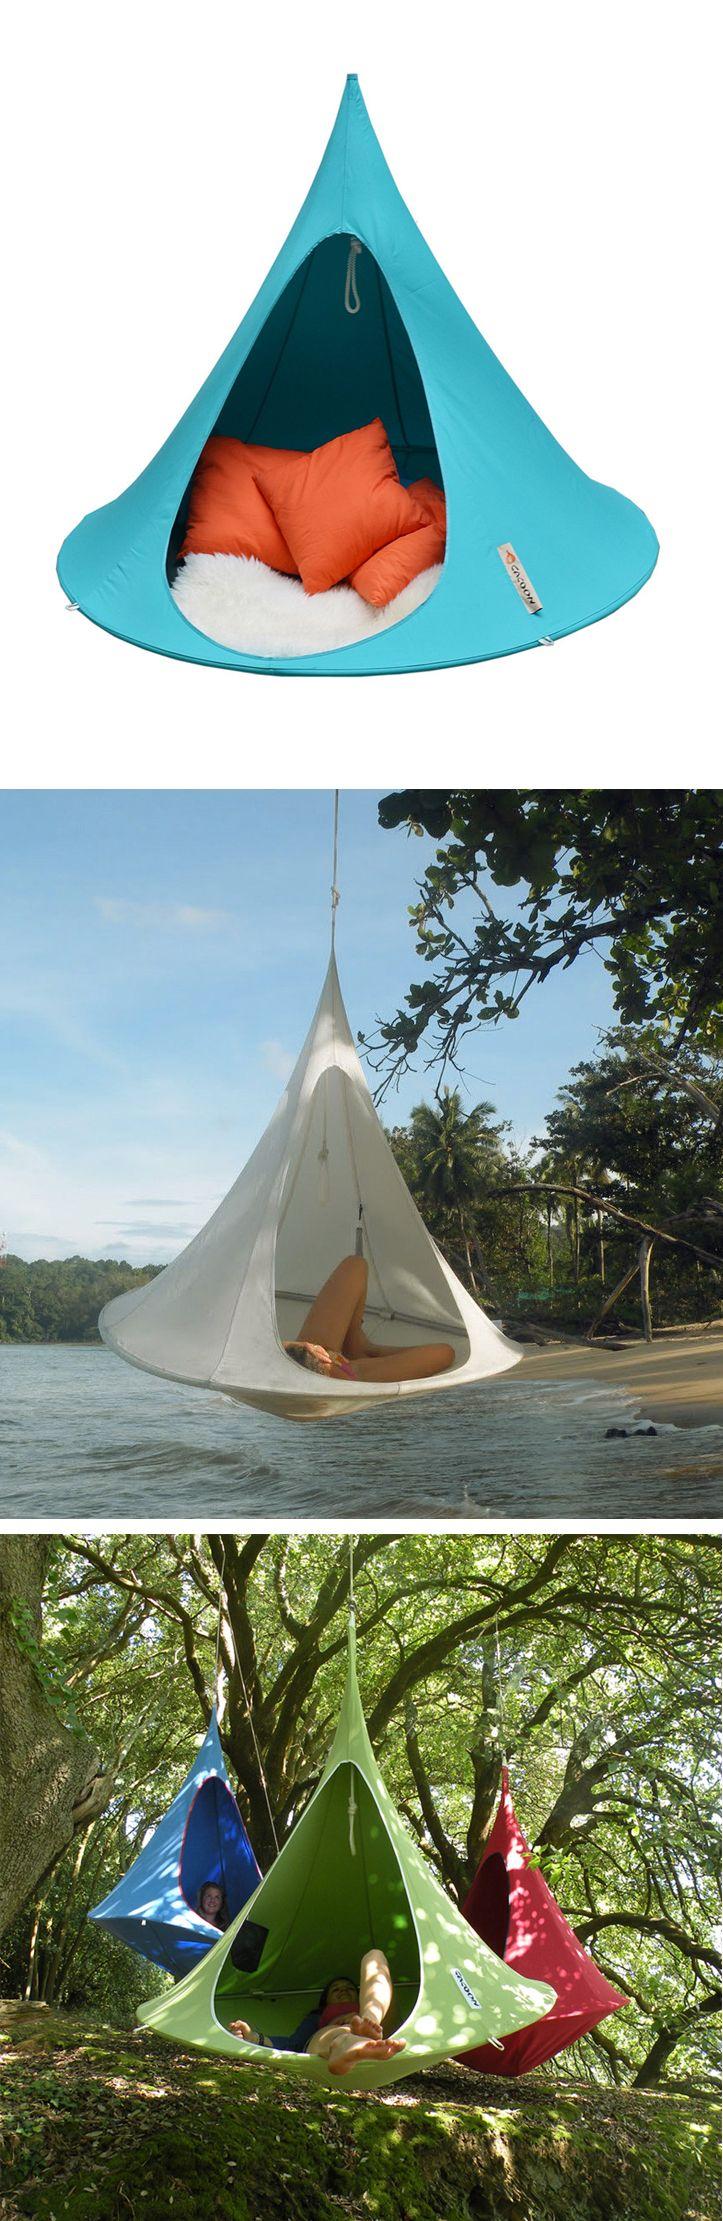 Cacoon hammock - need!